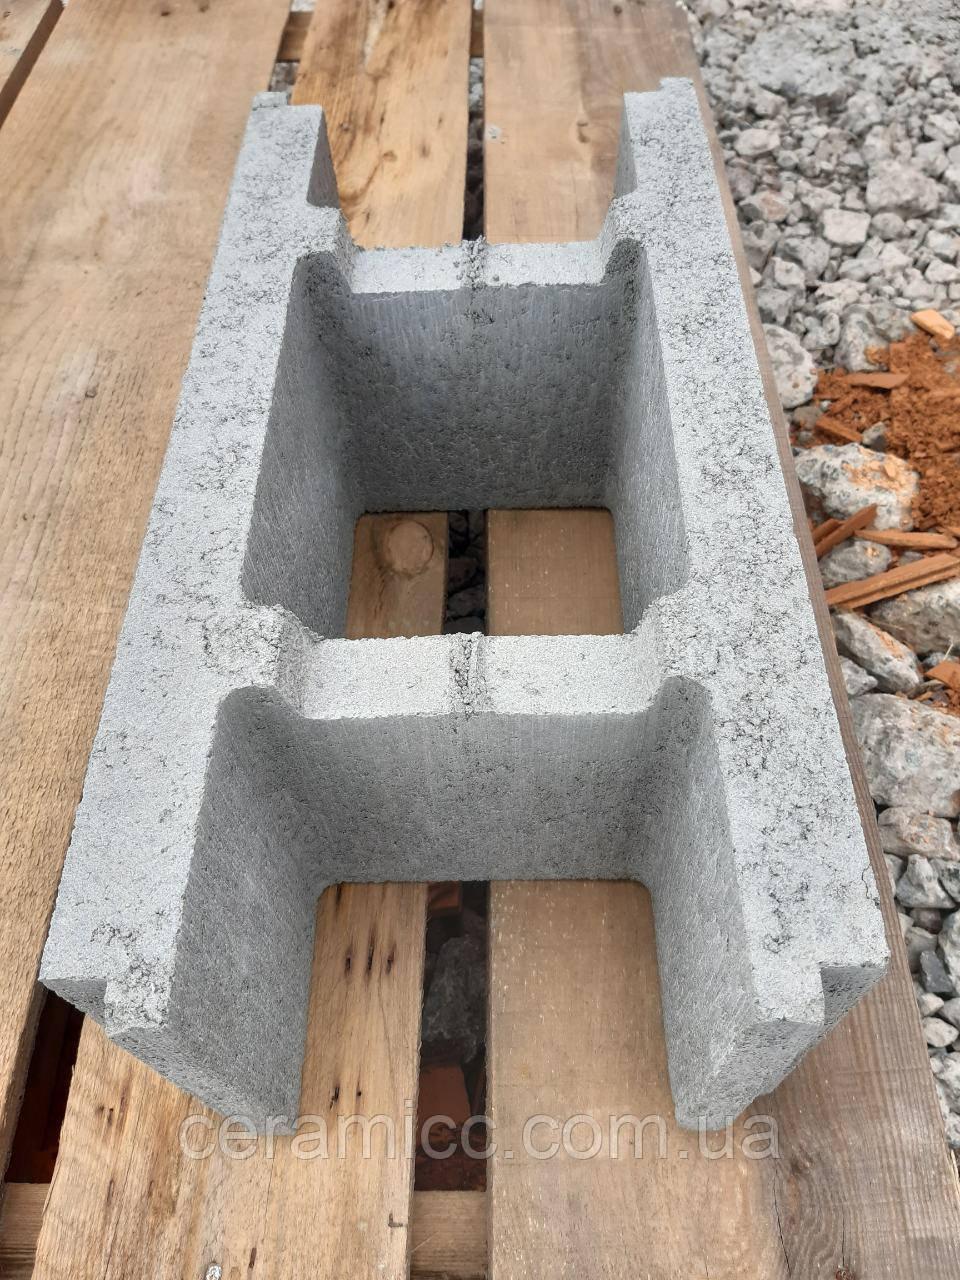 Блок Малый несъемной опалубки М-100, 250 мм